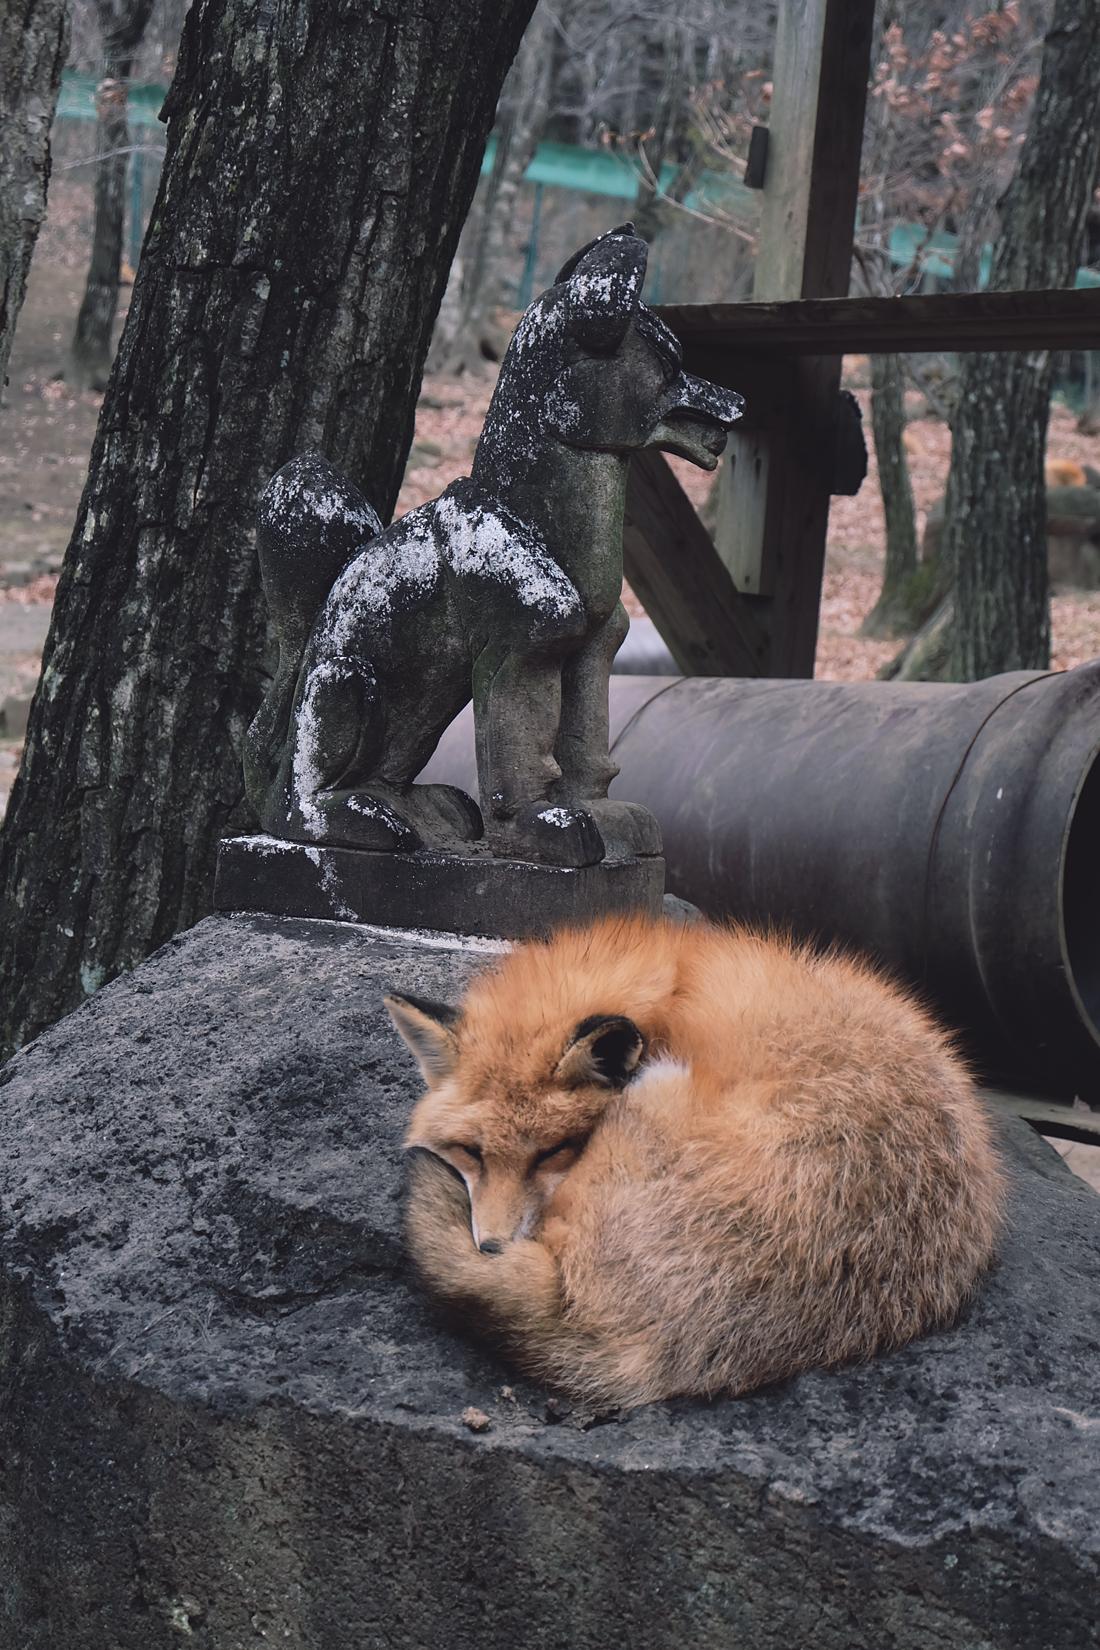 miyagi-zao-fox-village-rainbowholic-48